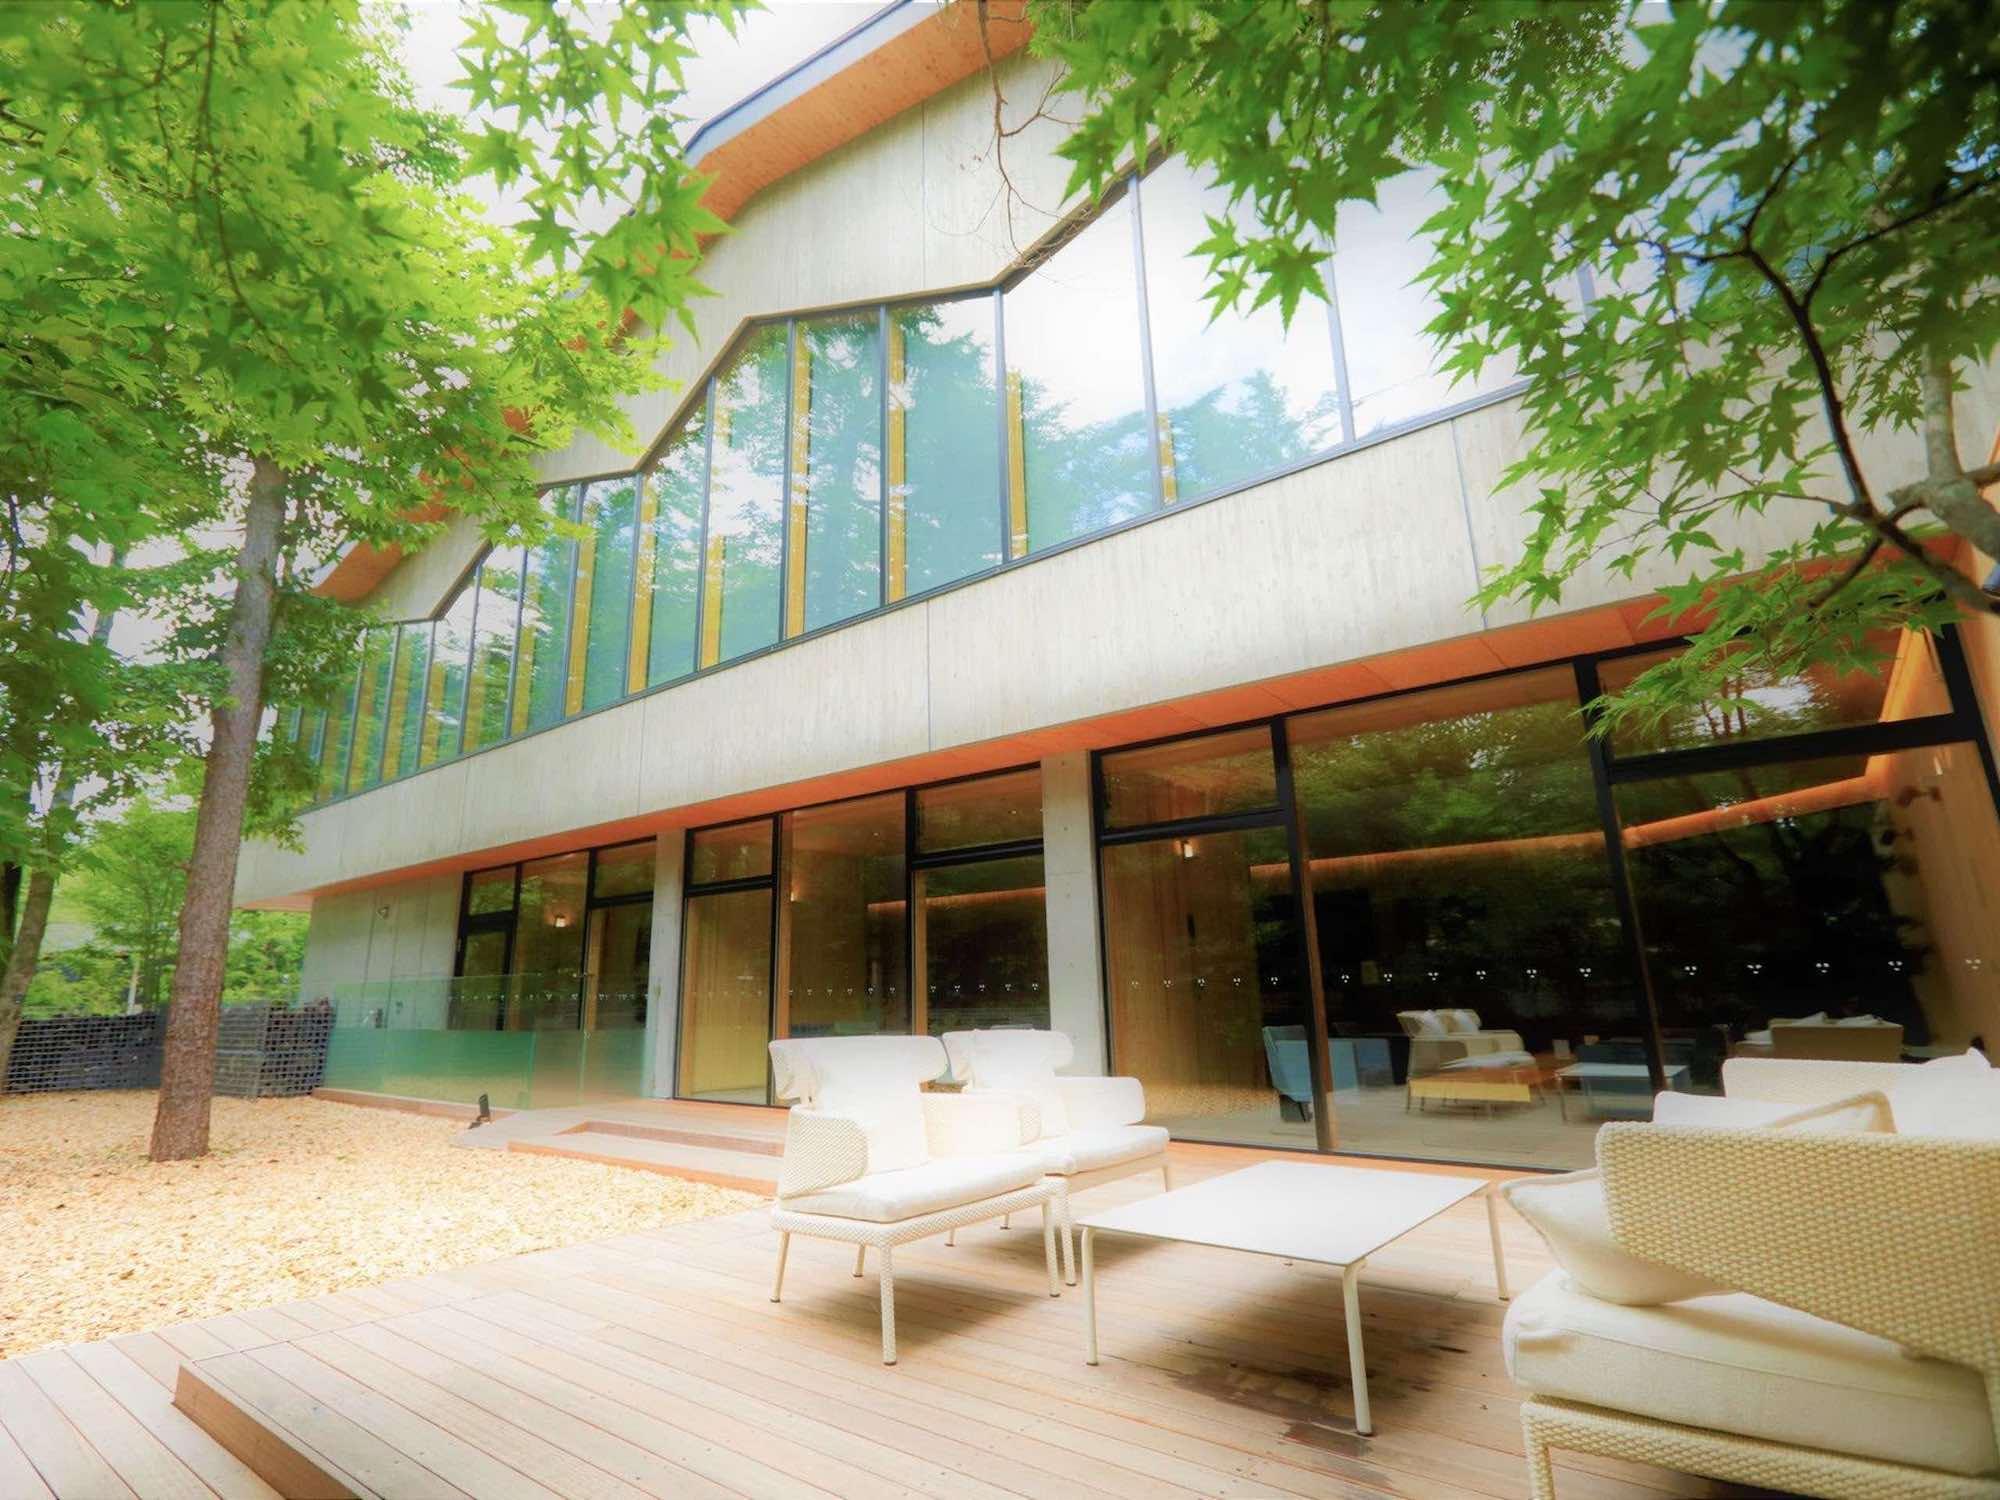 歴史、文化、自然が融合した旧軽井沢エリアの好立地